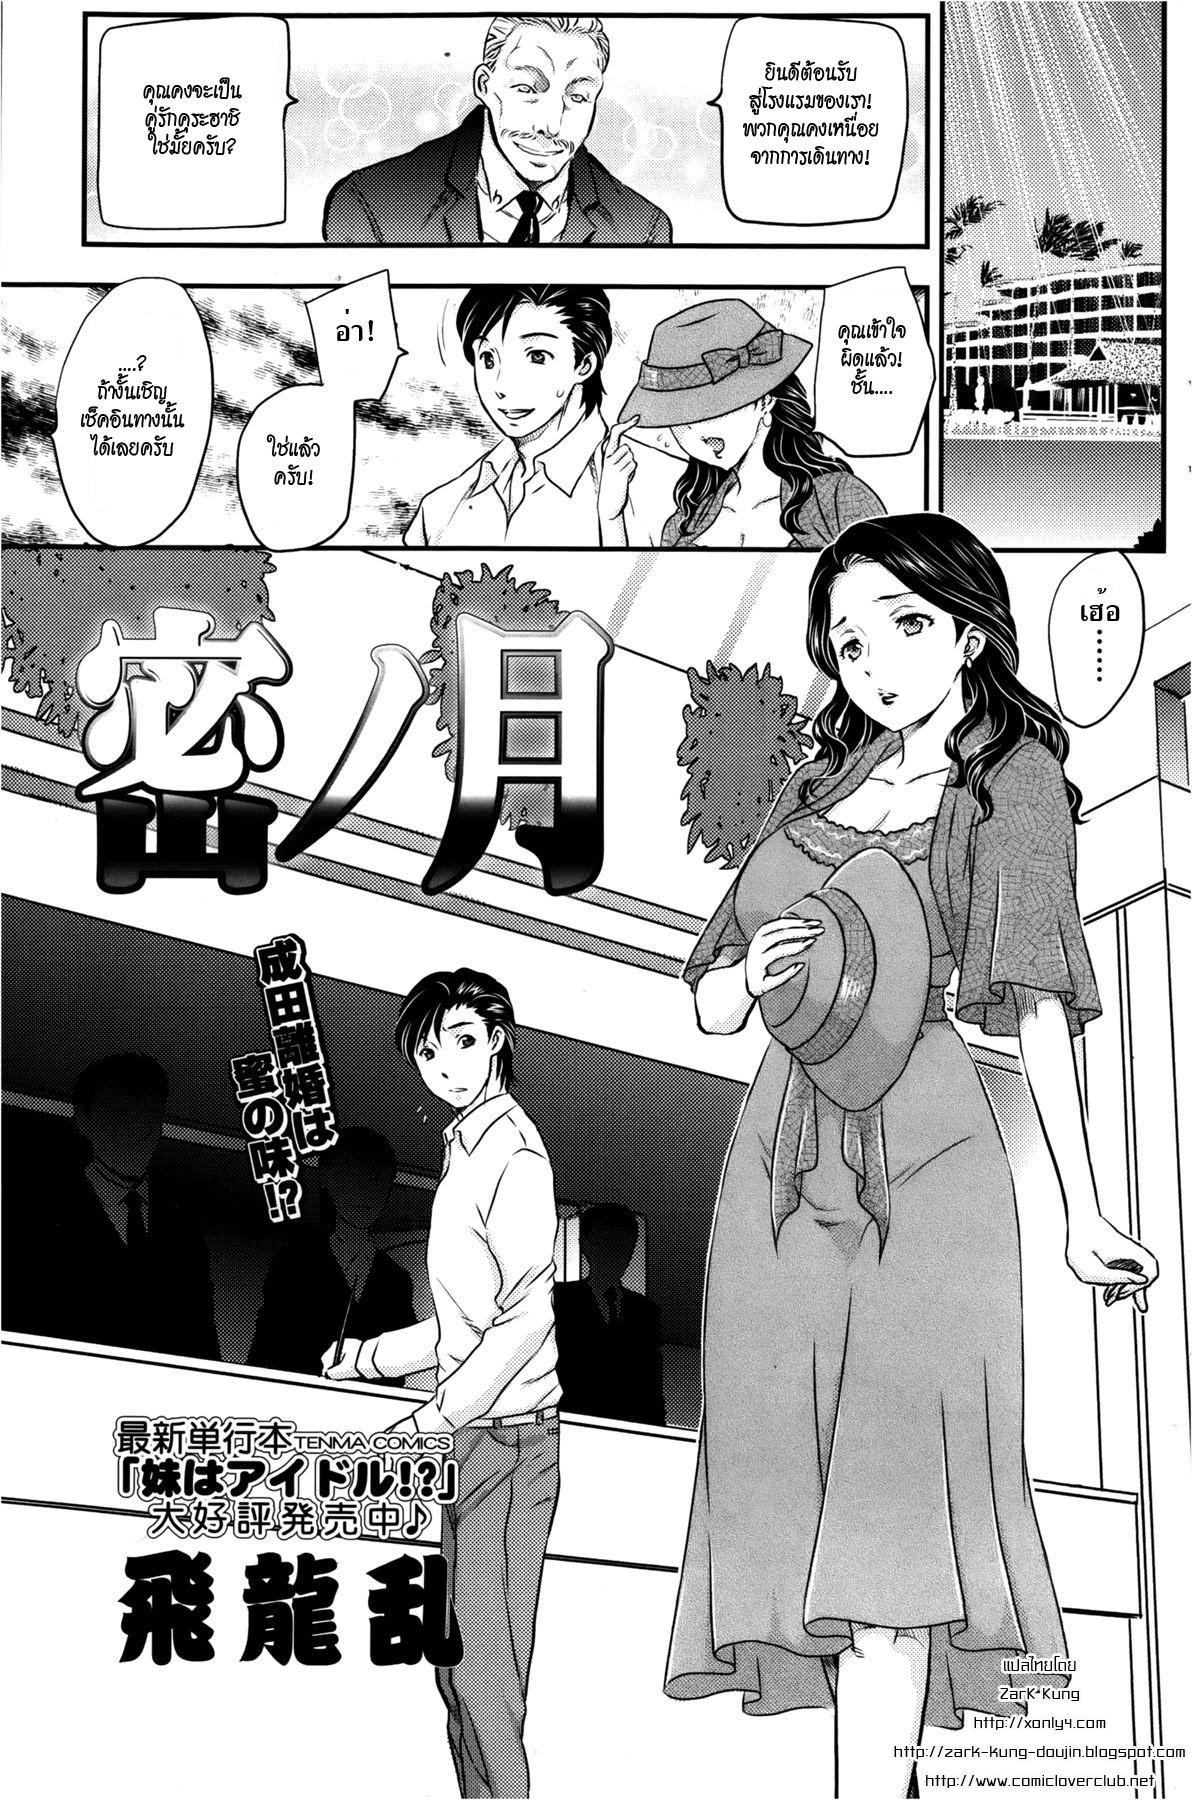 Mitsu no Tsuki (COMIC SIGMA 2013-01 Vol. 71) [Thai ภาษาไทย] [ZarK Kung]